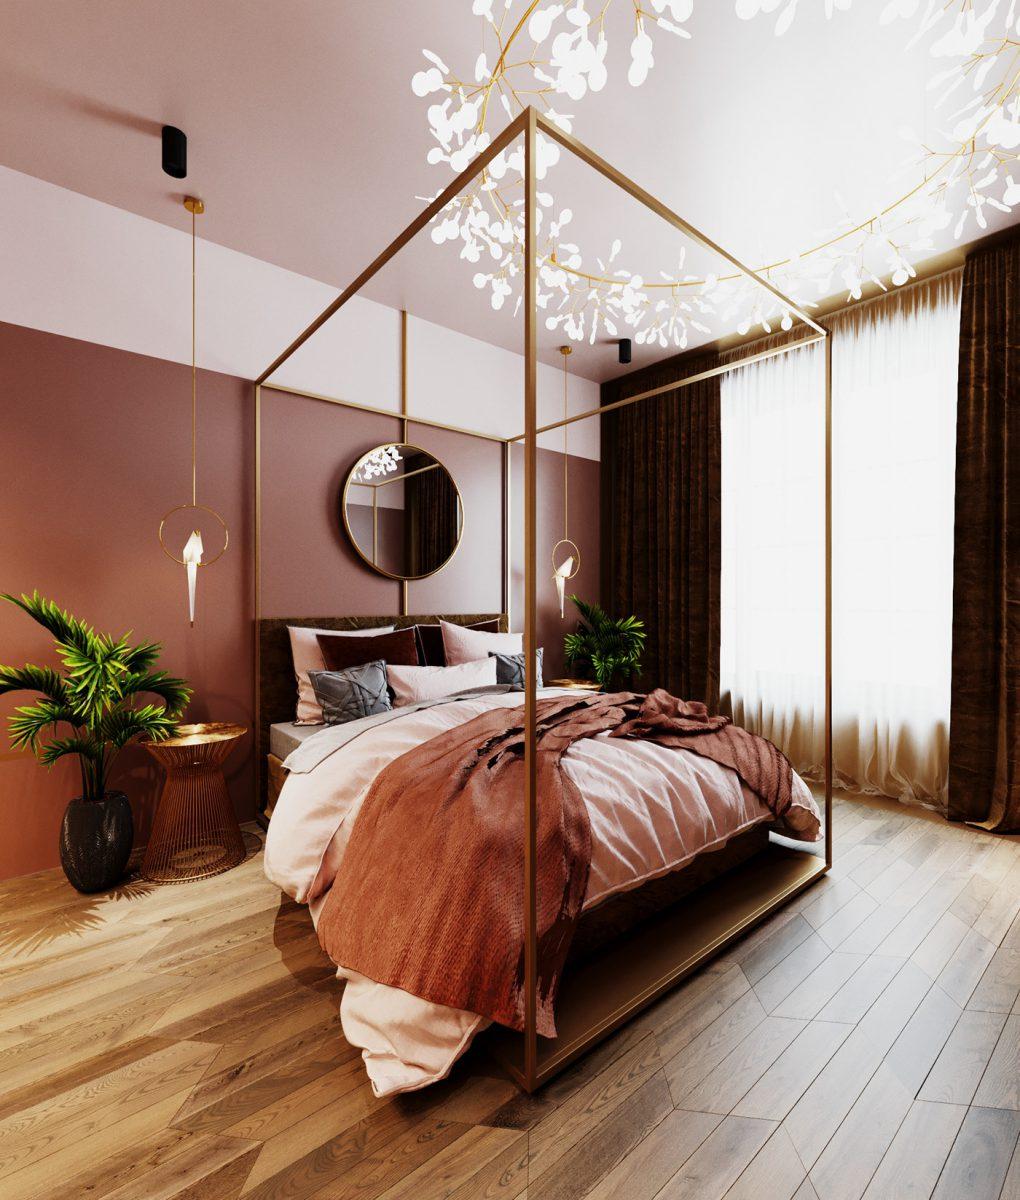 Sypialnia w ciepłych relaksujących kolorach